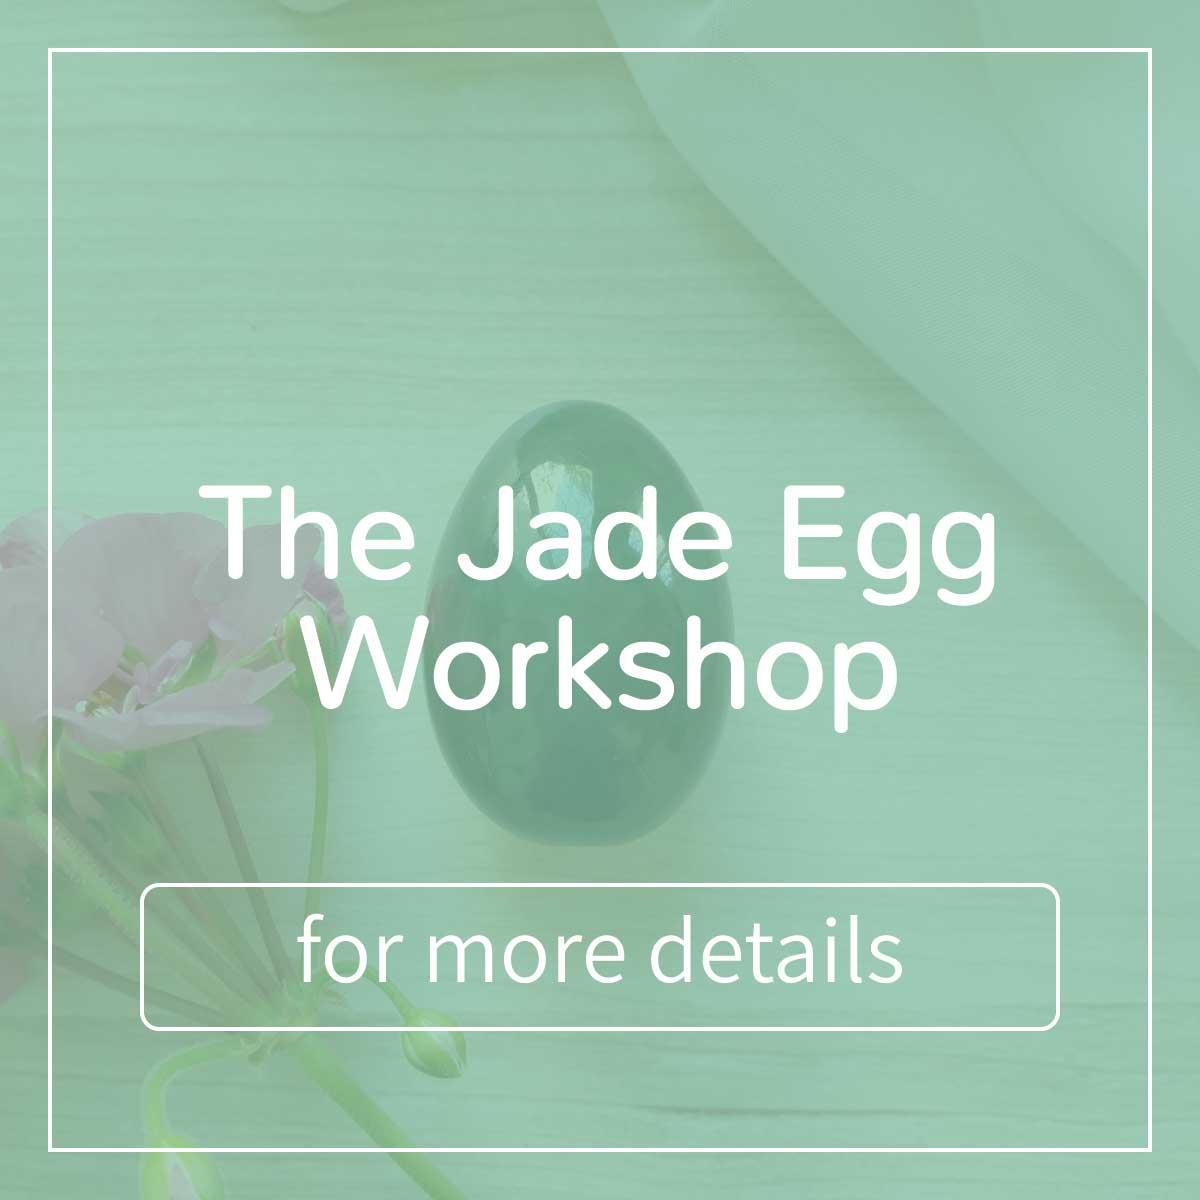 the Jade egg workshop